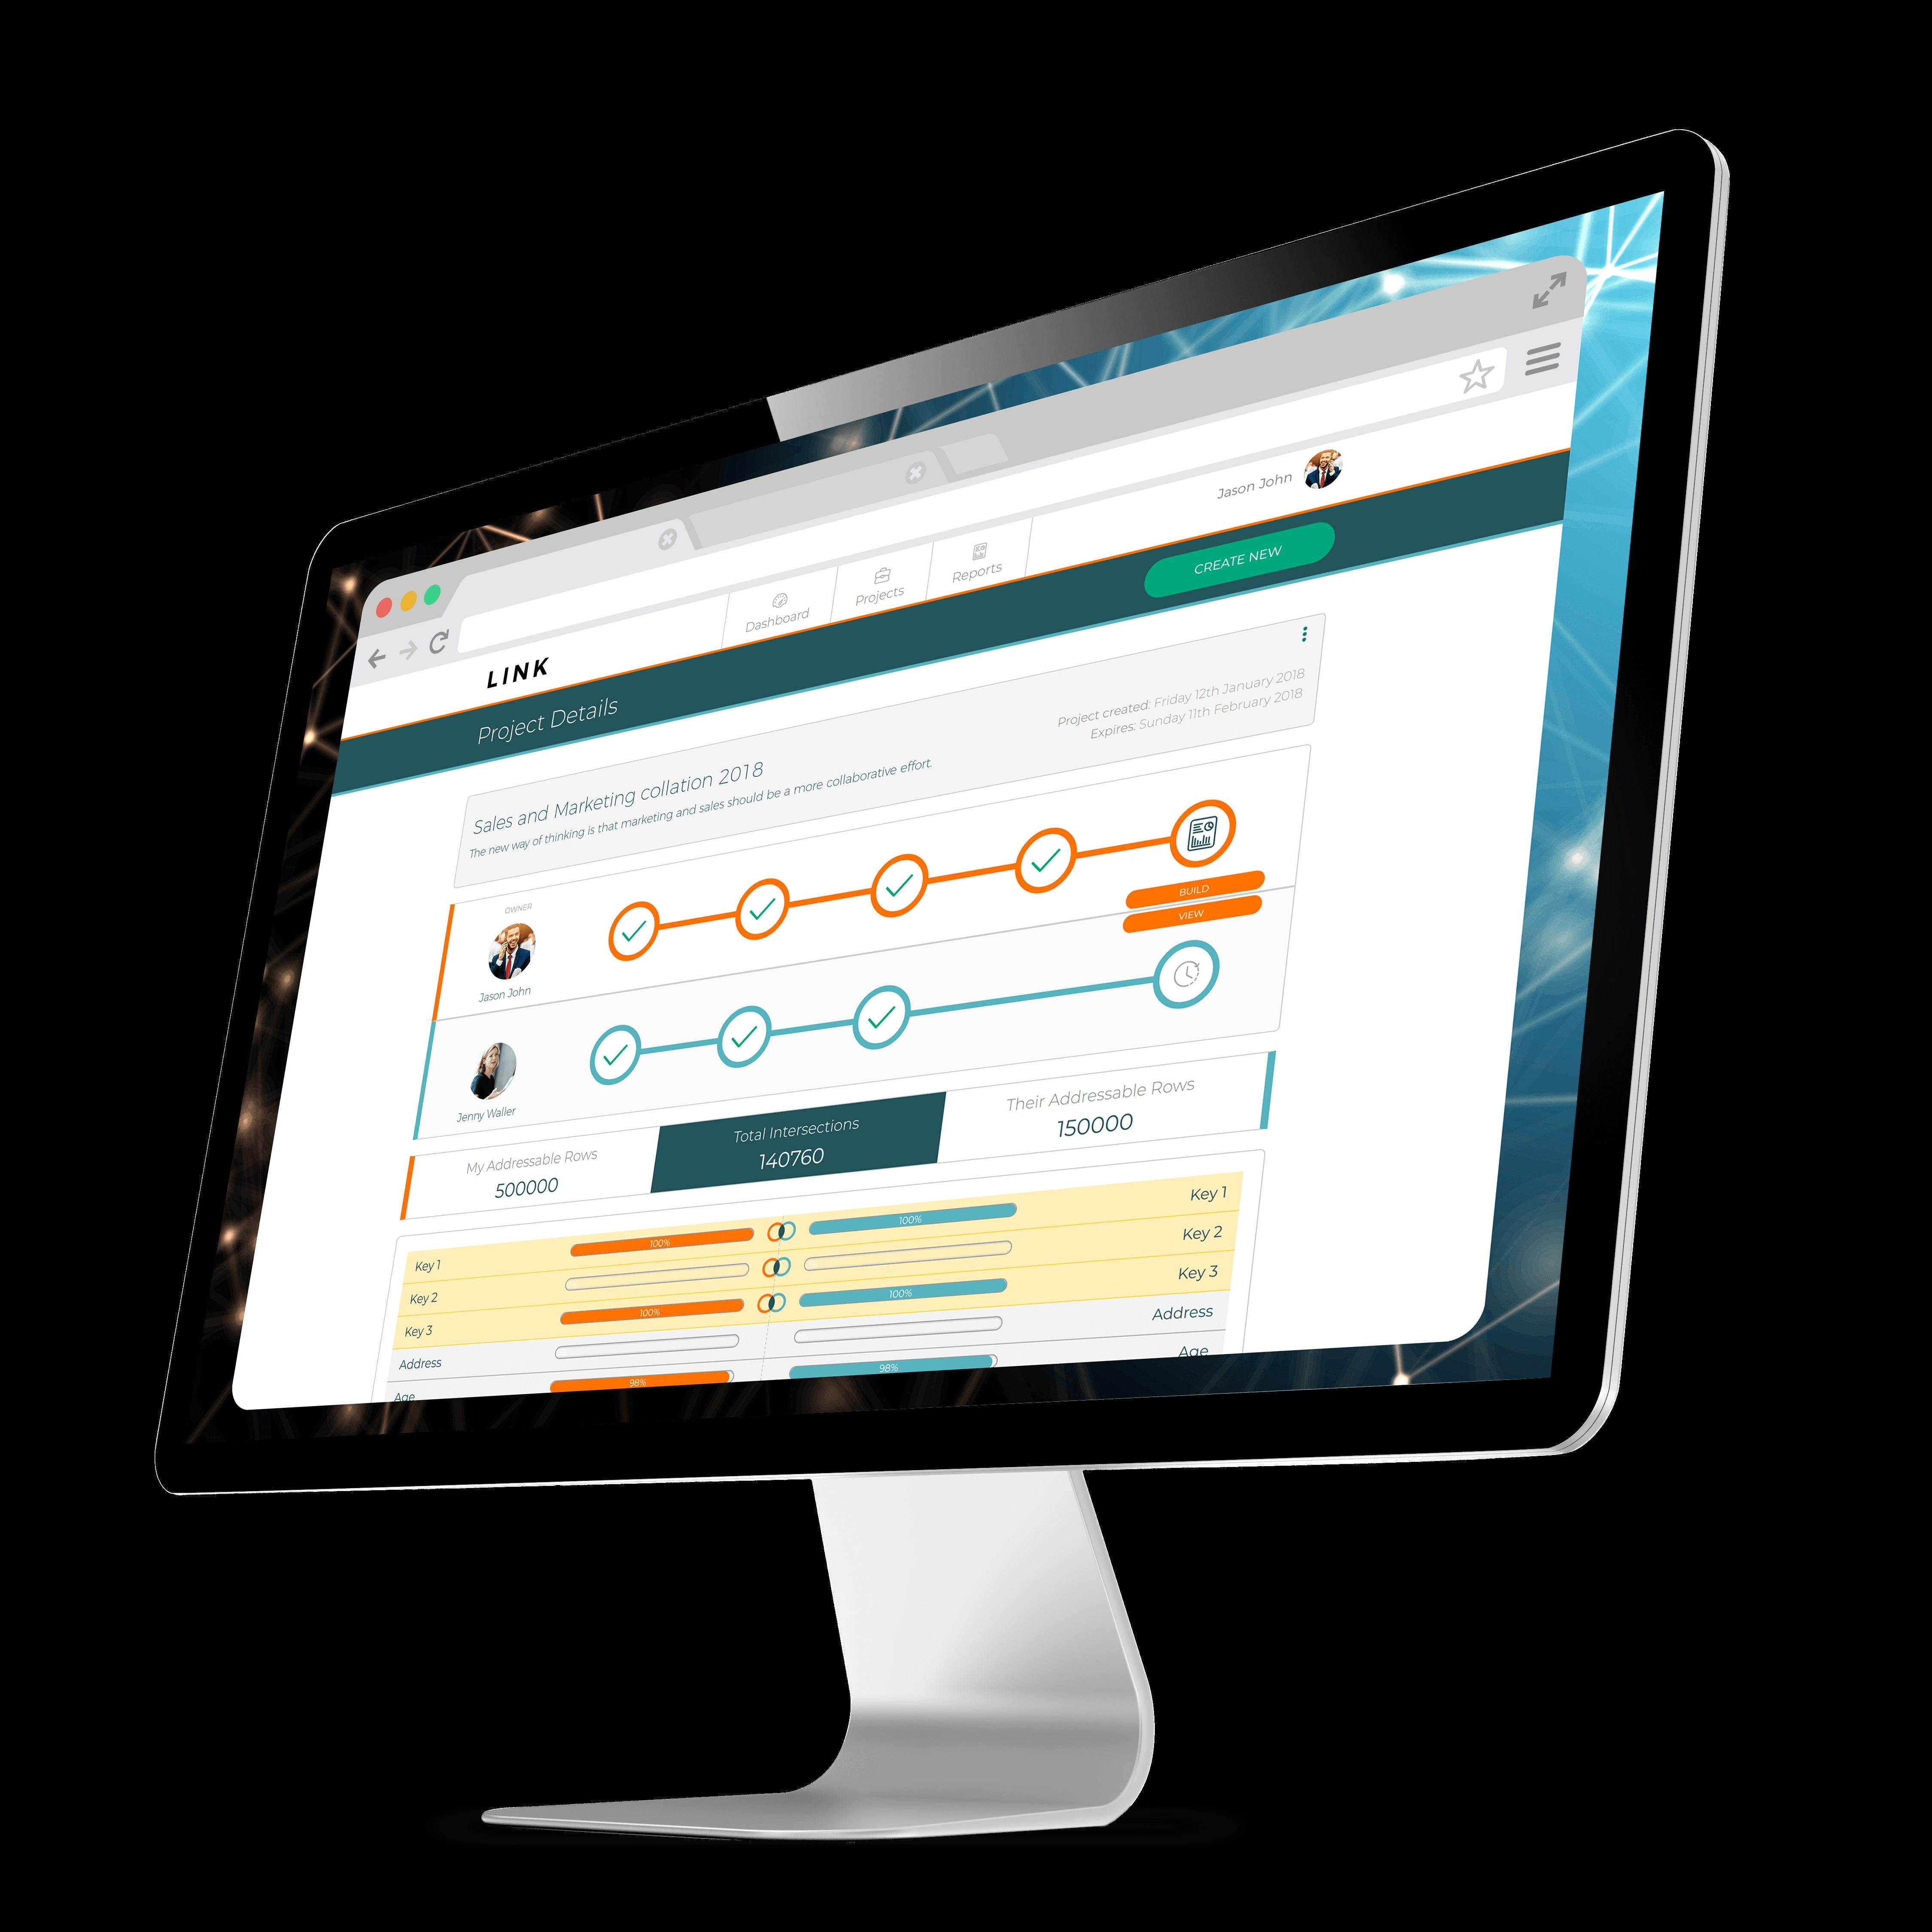 Screenshot of InfoSum Link